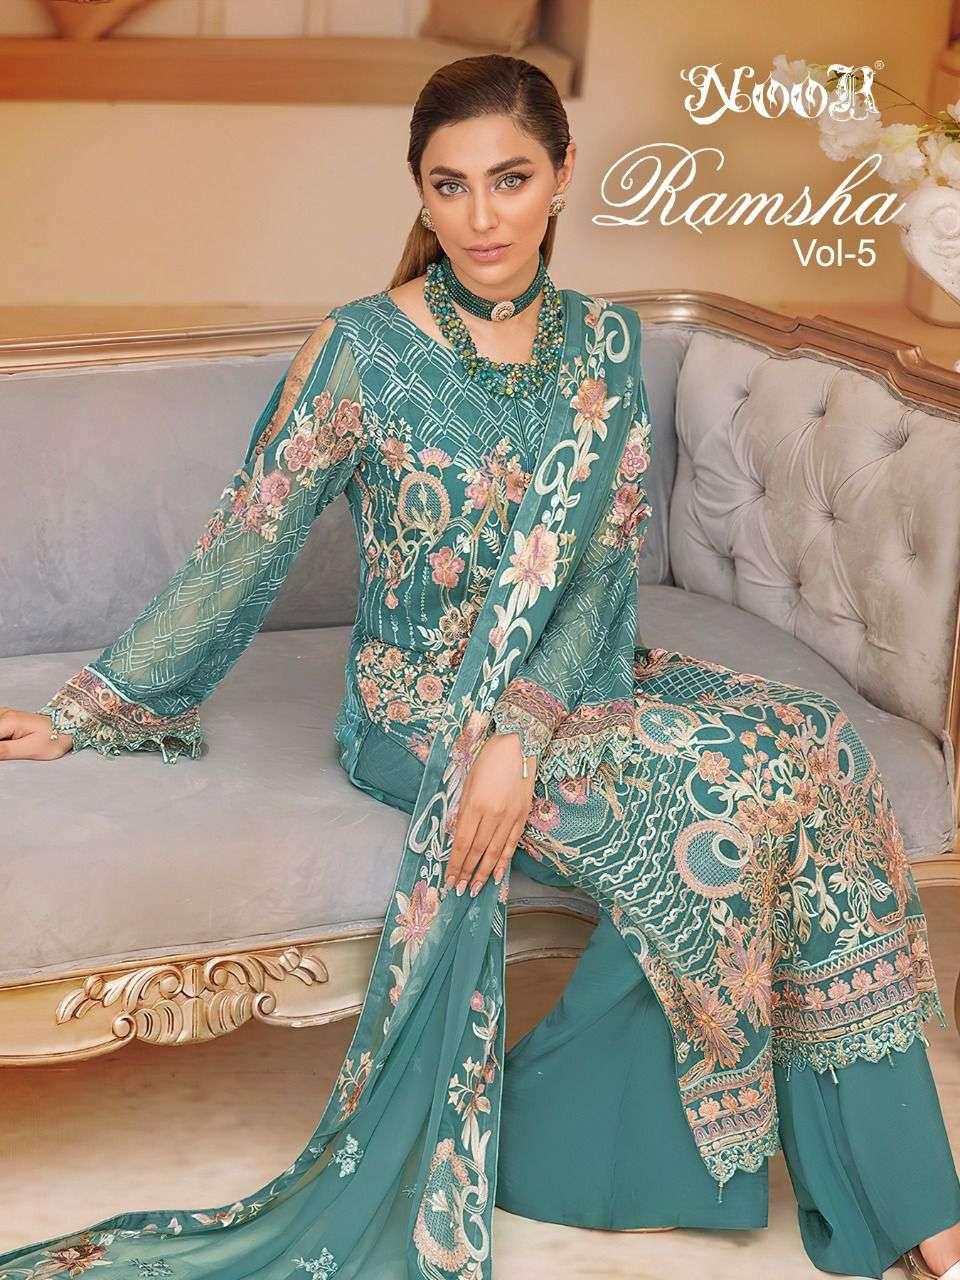 Noor Ramsha Vol 5 Premium Collection Pakistani Suit catalog Supplier in Surat